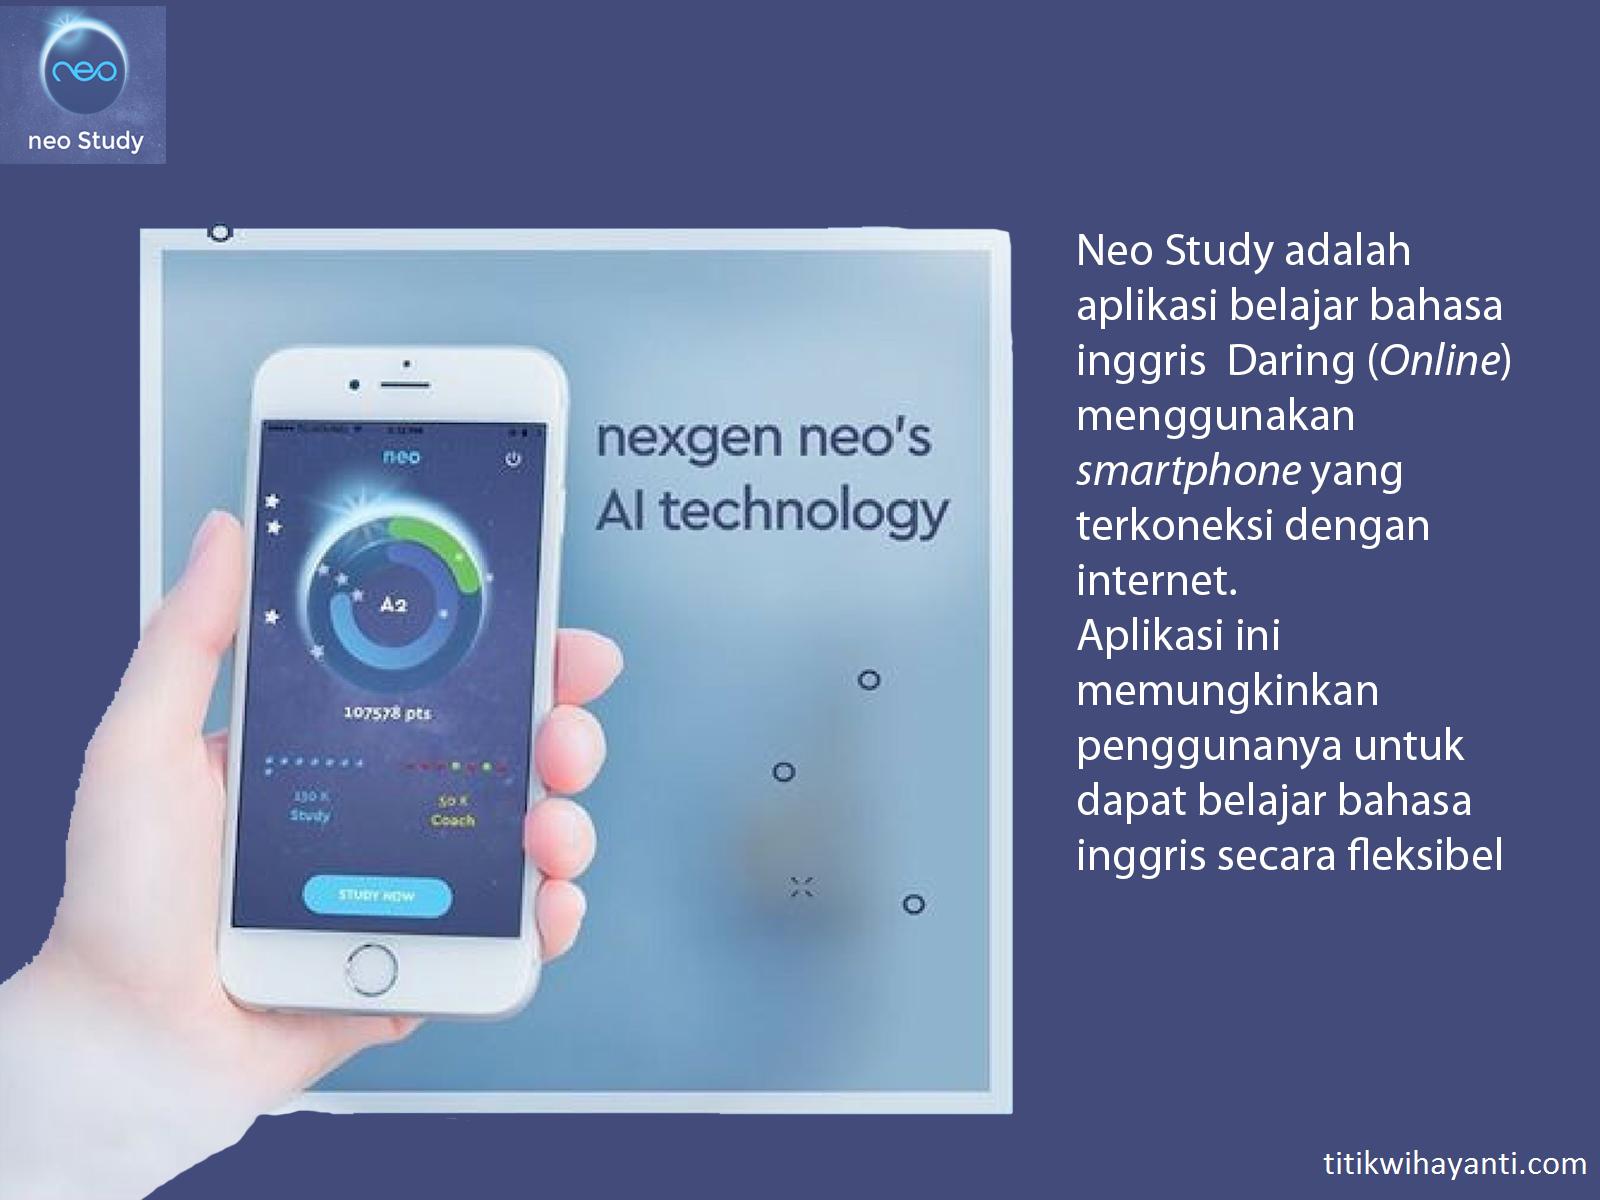 aplikasi belajar bahasa inggris efektif neo study